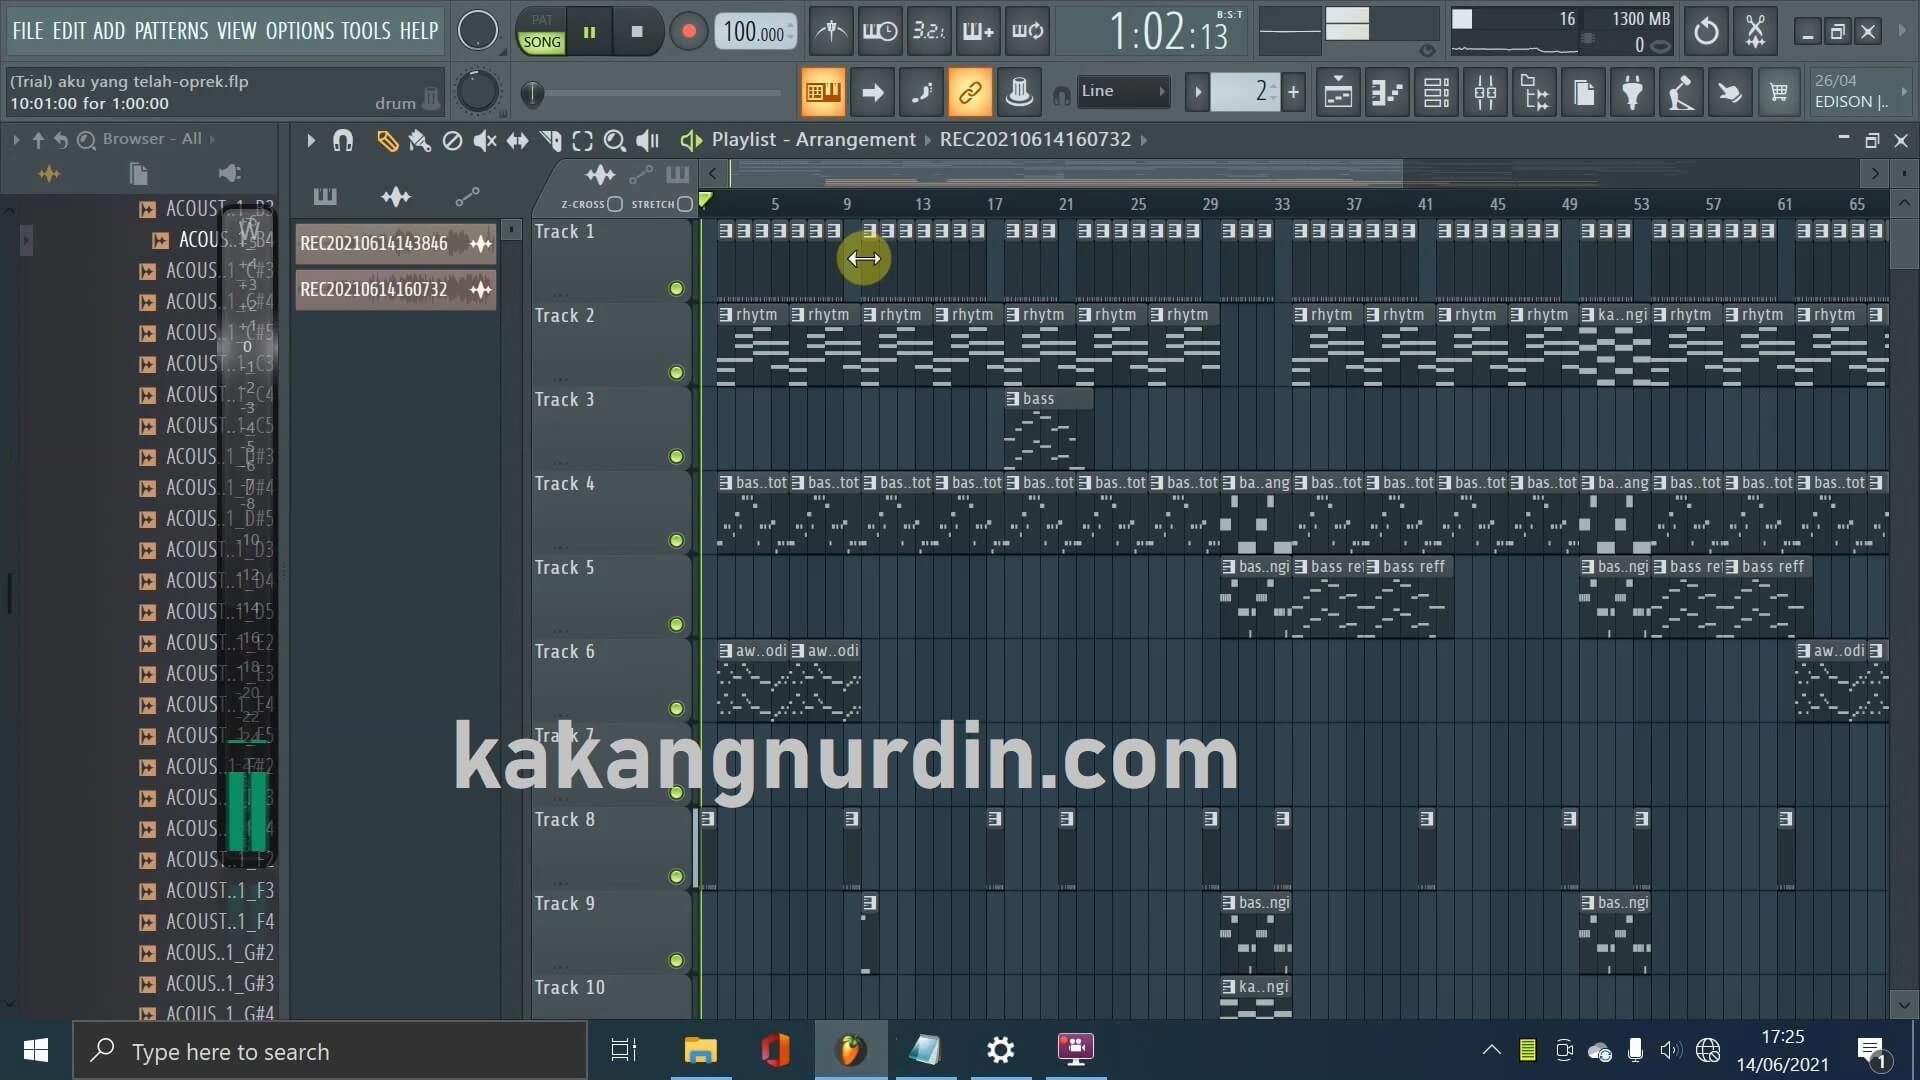 track fl studio 20 kakangnurdin.com